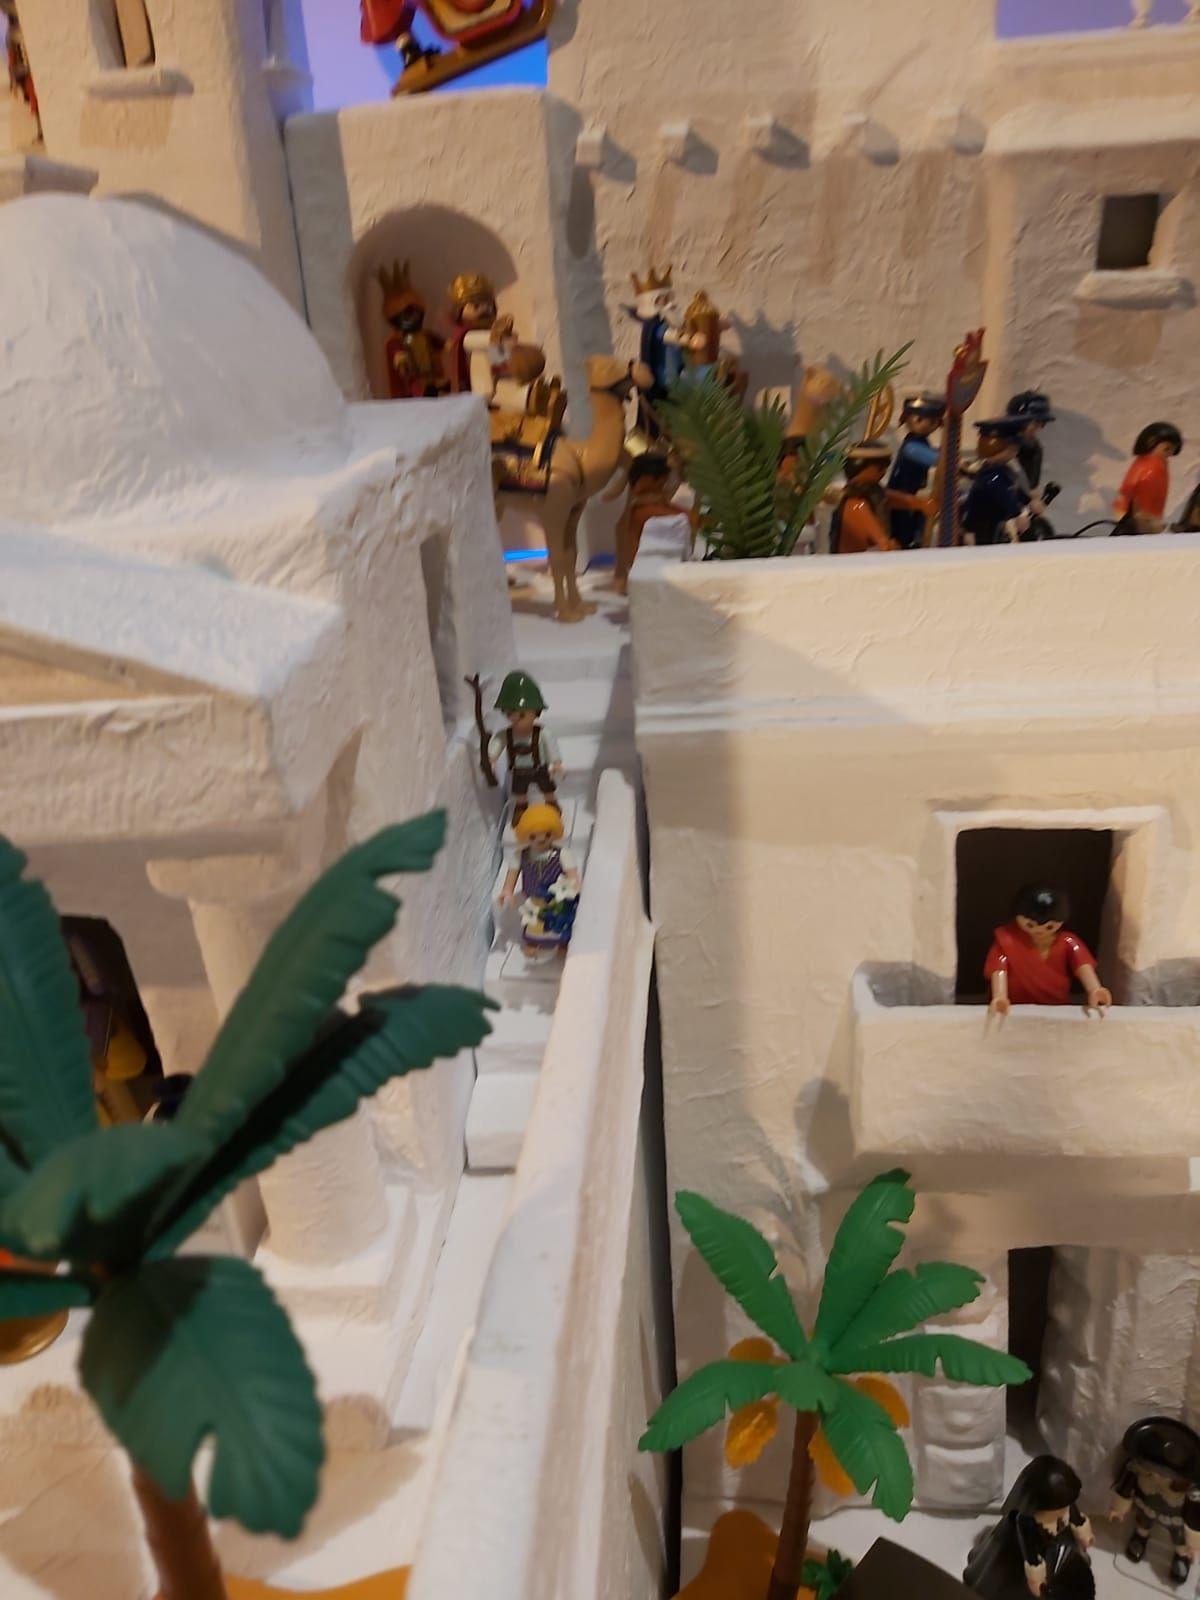 Navidad en Zamora | El diseñador Miguel de la Iglesia monta un belén de apoyo al comercio local